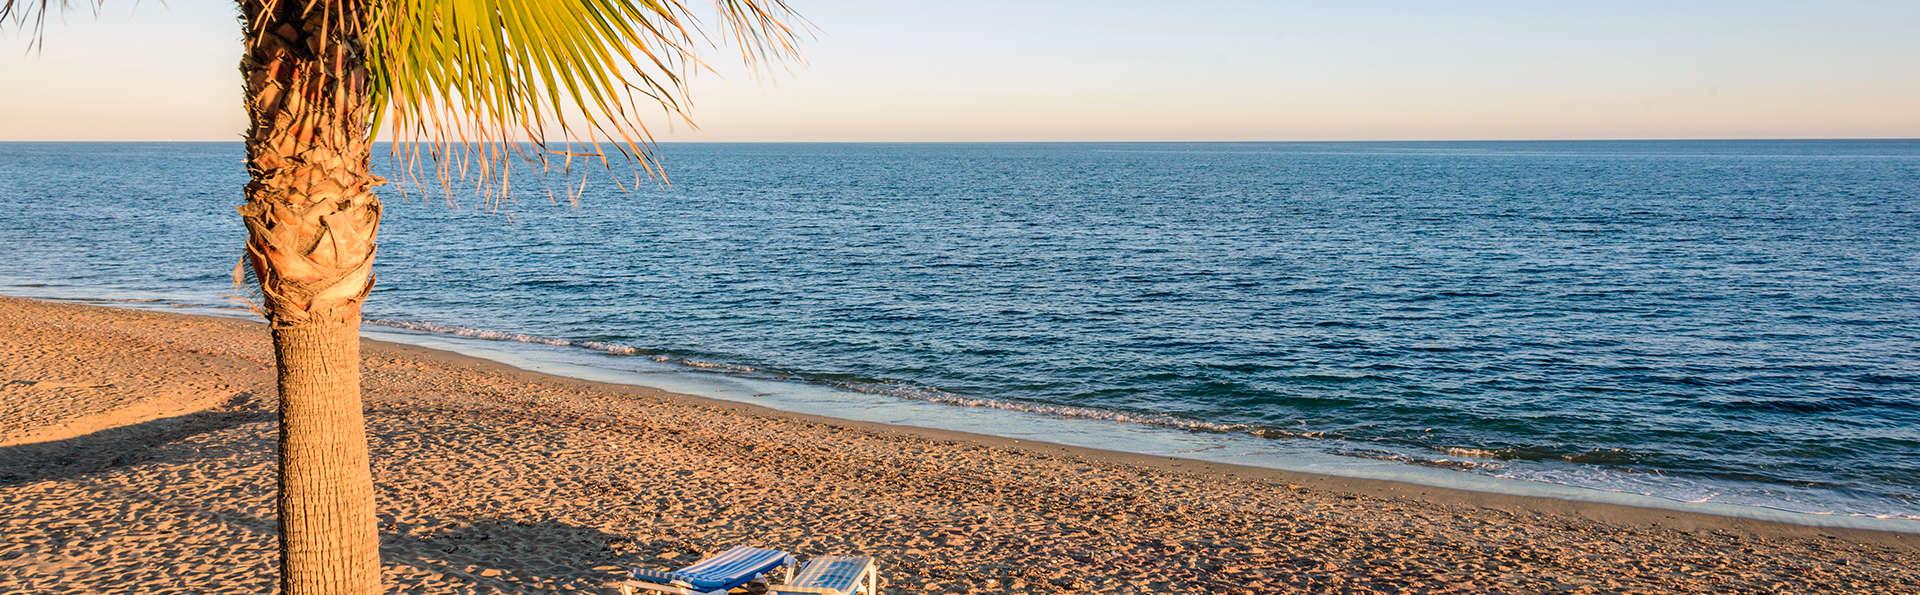 Villa Padierna Palace Hotel - EDIT_marbella1.jpg